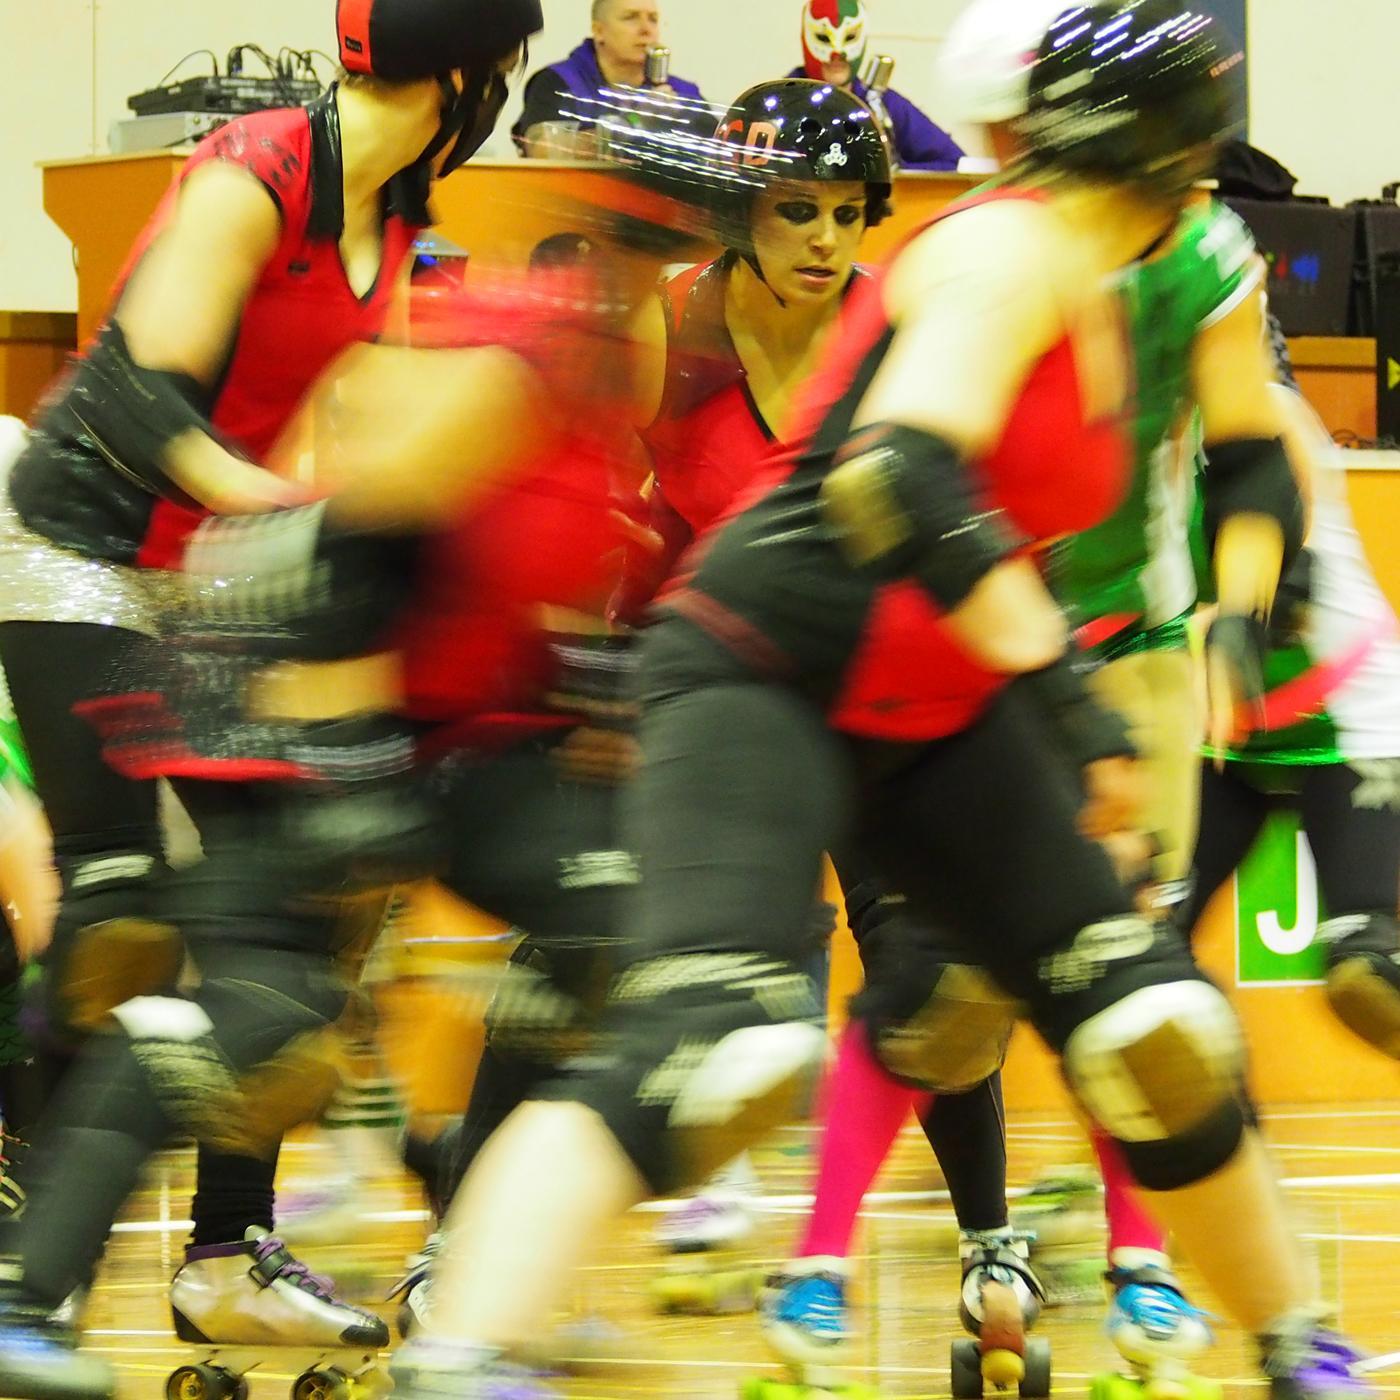 Roller skating rink canberra - Roller Derby